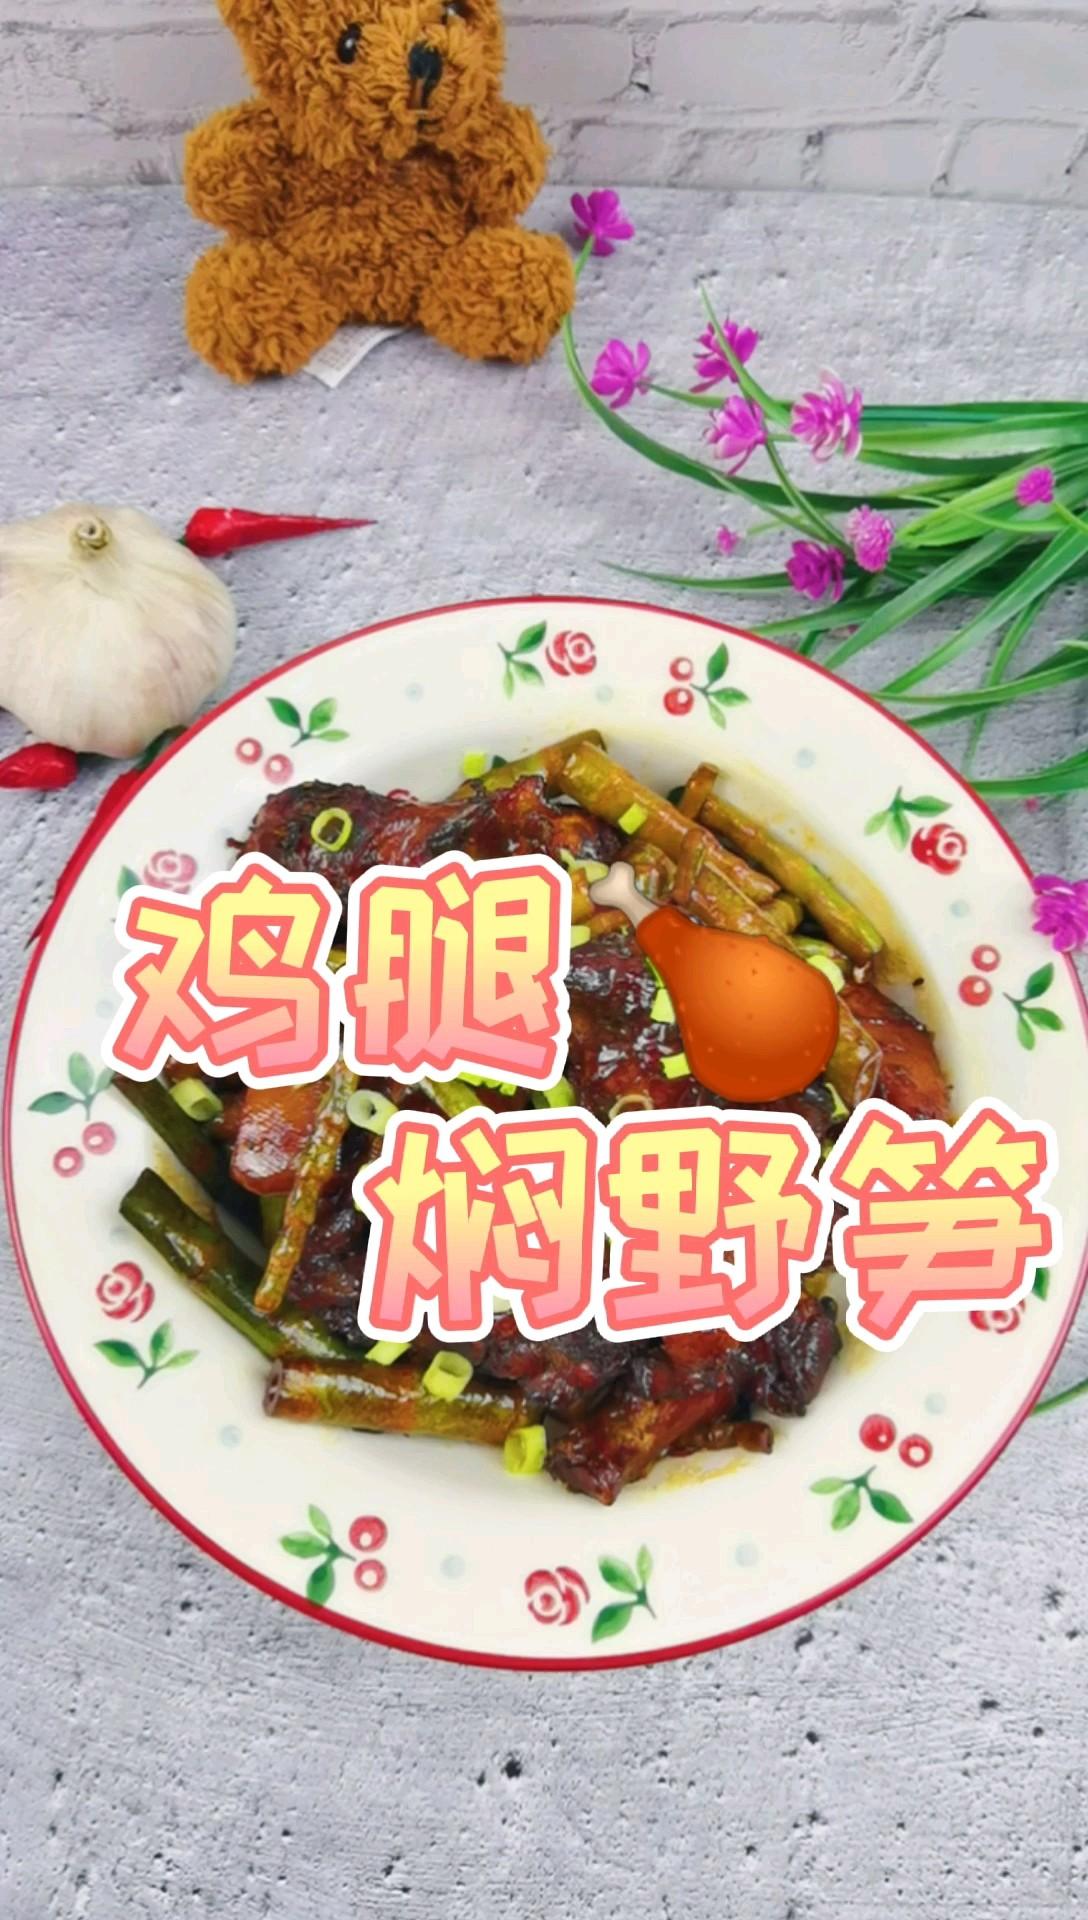 雞腿的花式做法-雞腿燜野筍,配菜豐富,營養美味,孩子超愛吃